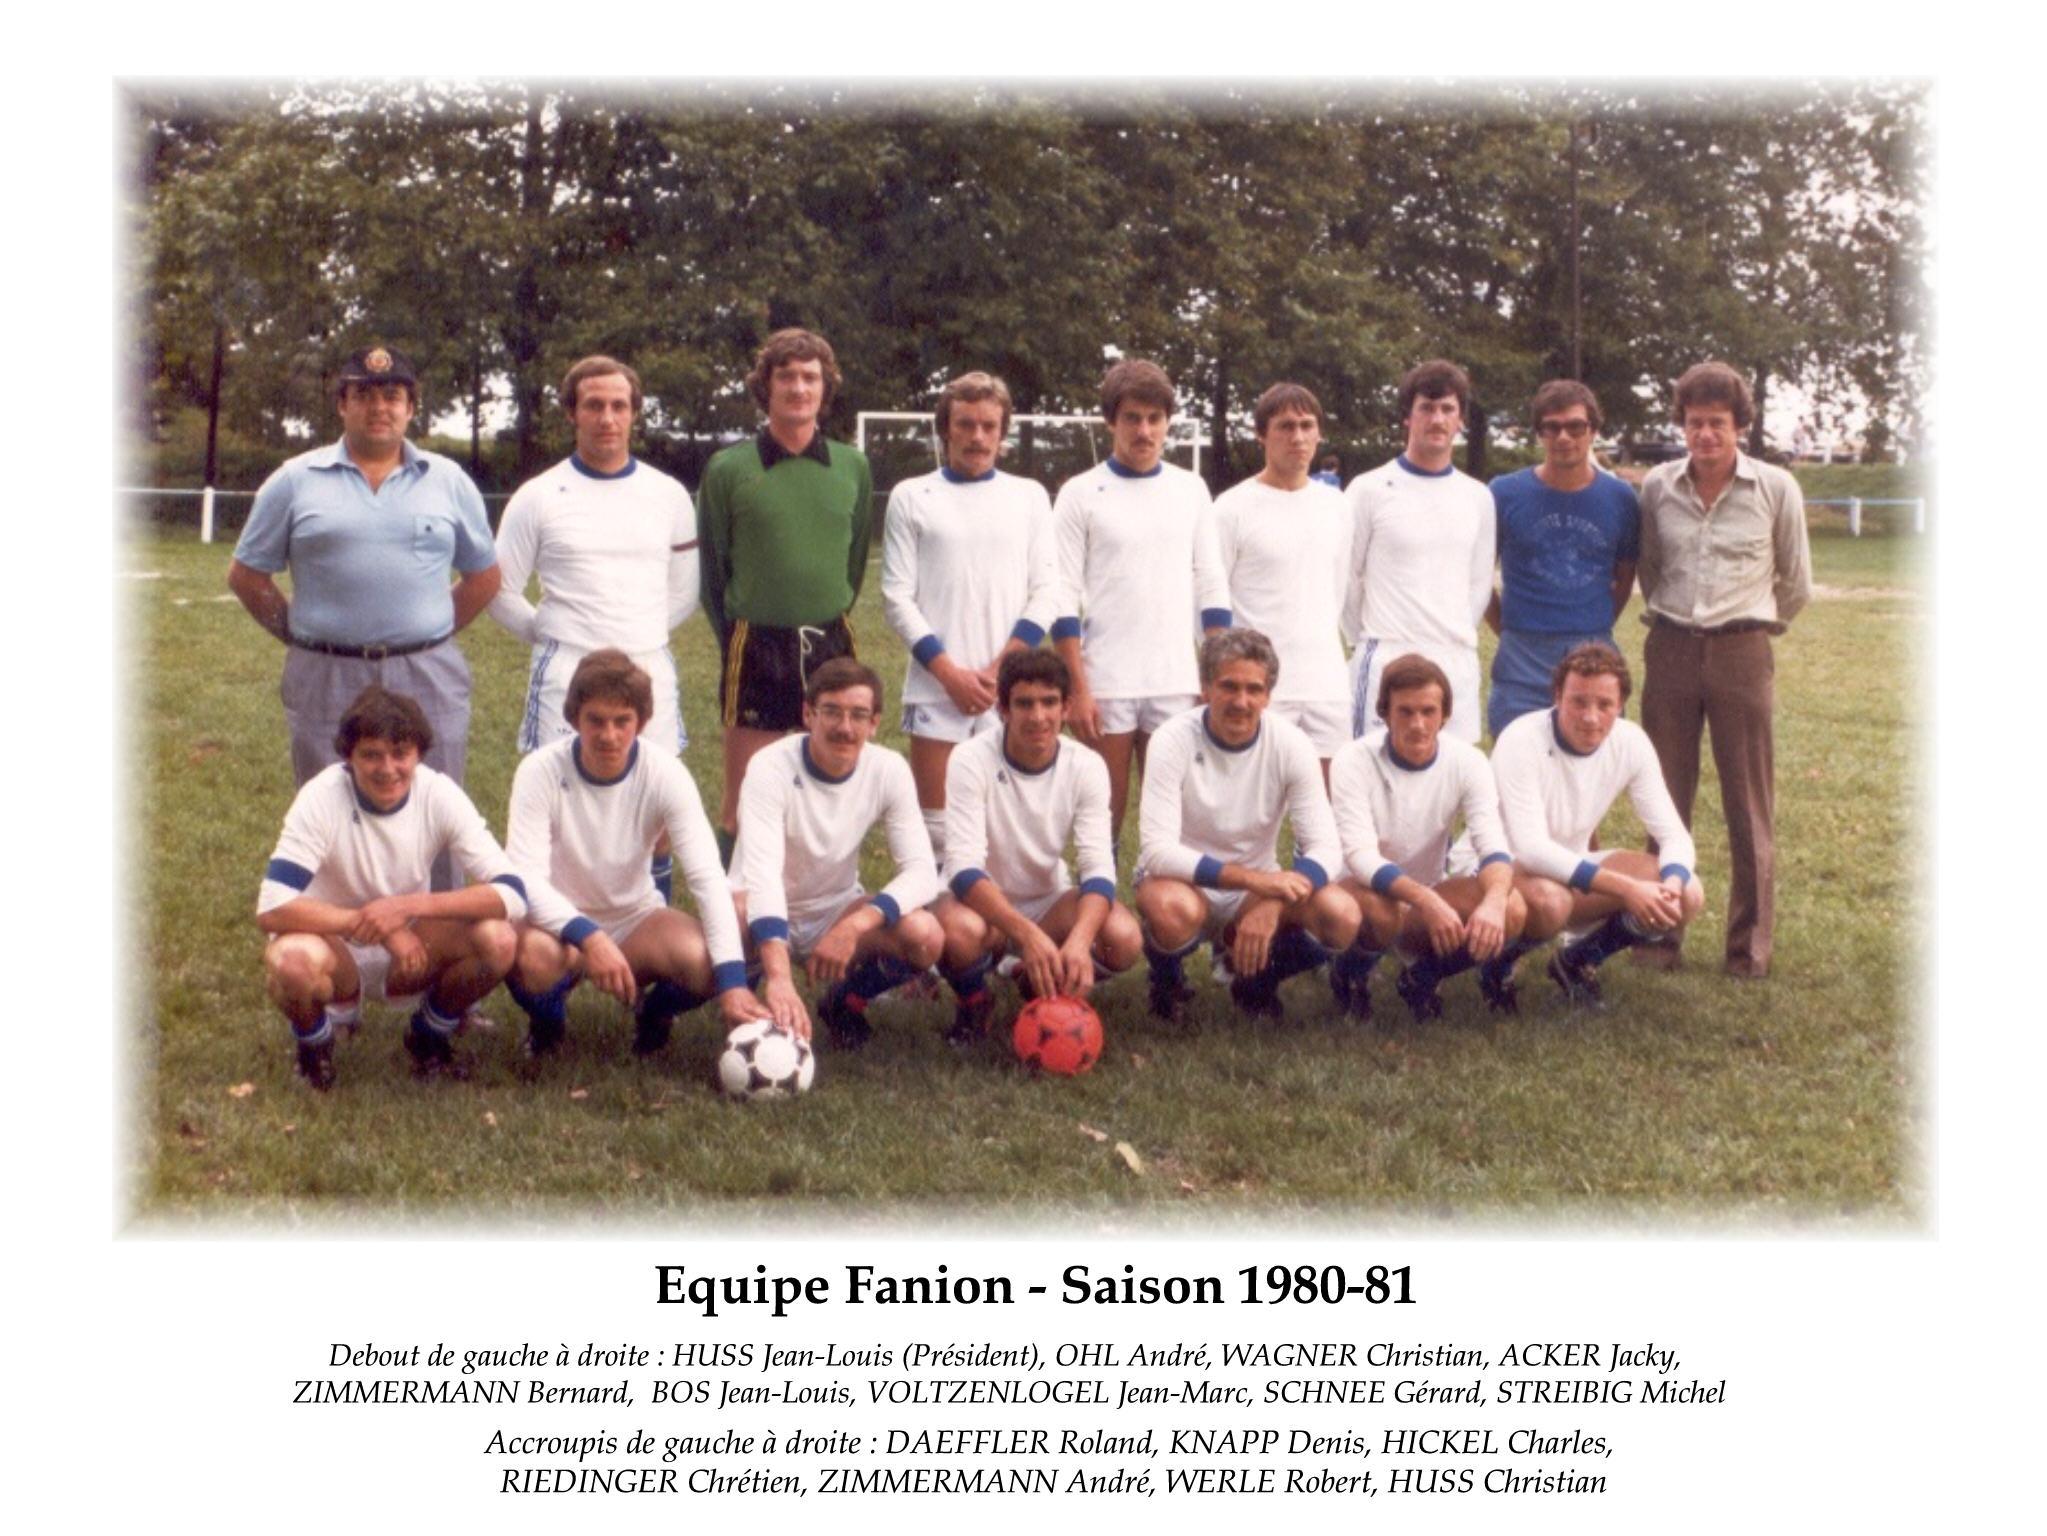 Annees 1980-81